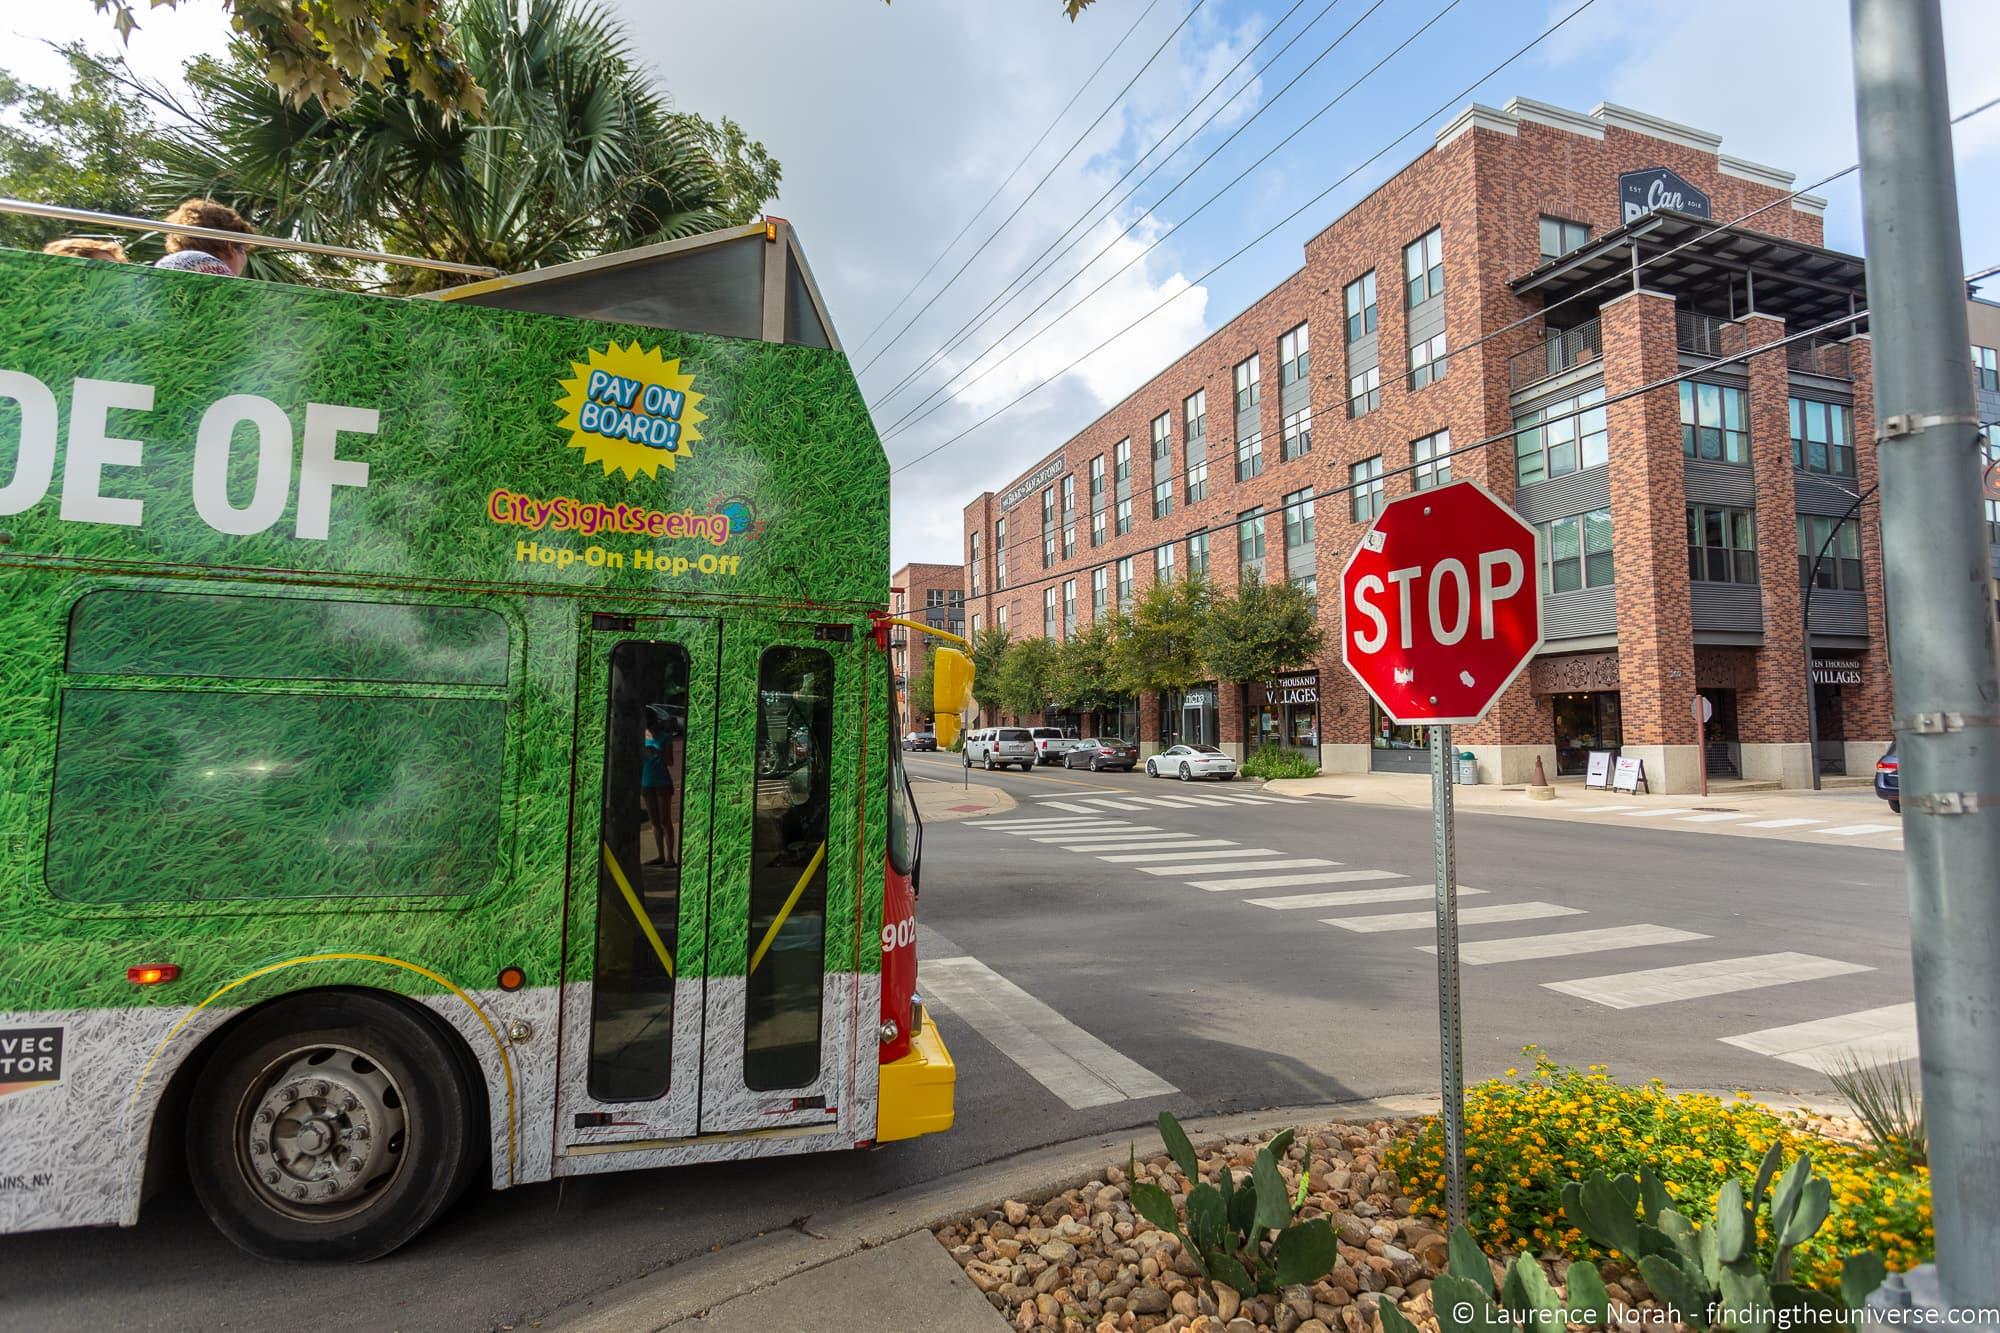 Citysightseeing Bus San Antonio